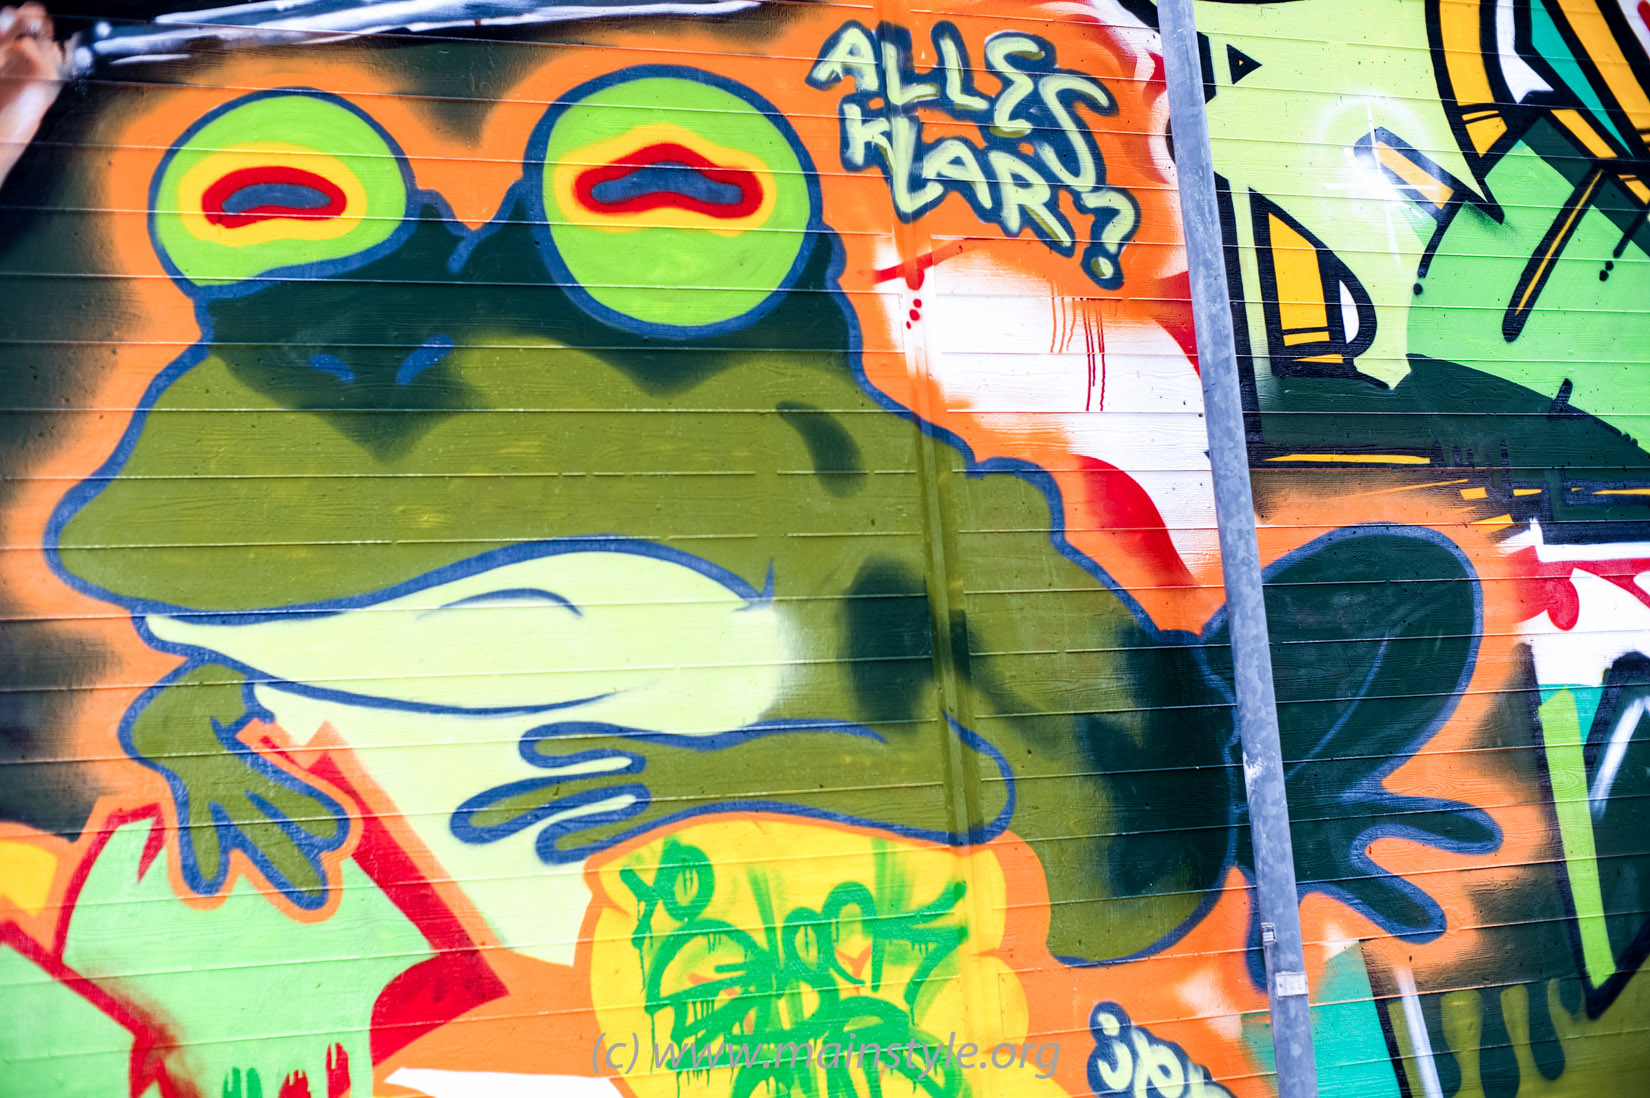 Frankfurt-Höchst_Graffiti_Süwag-Wall_2012 (30 von 35)